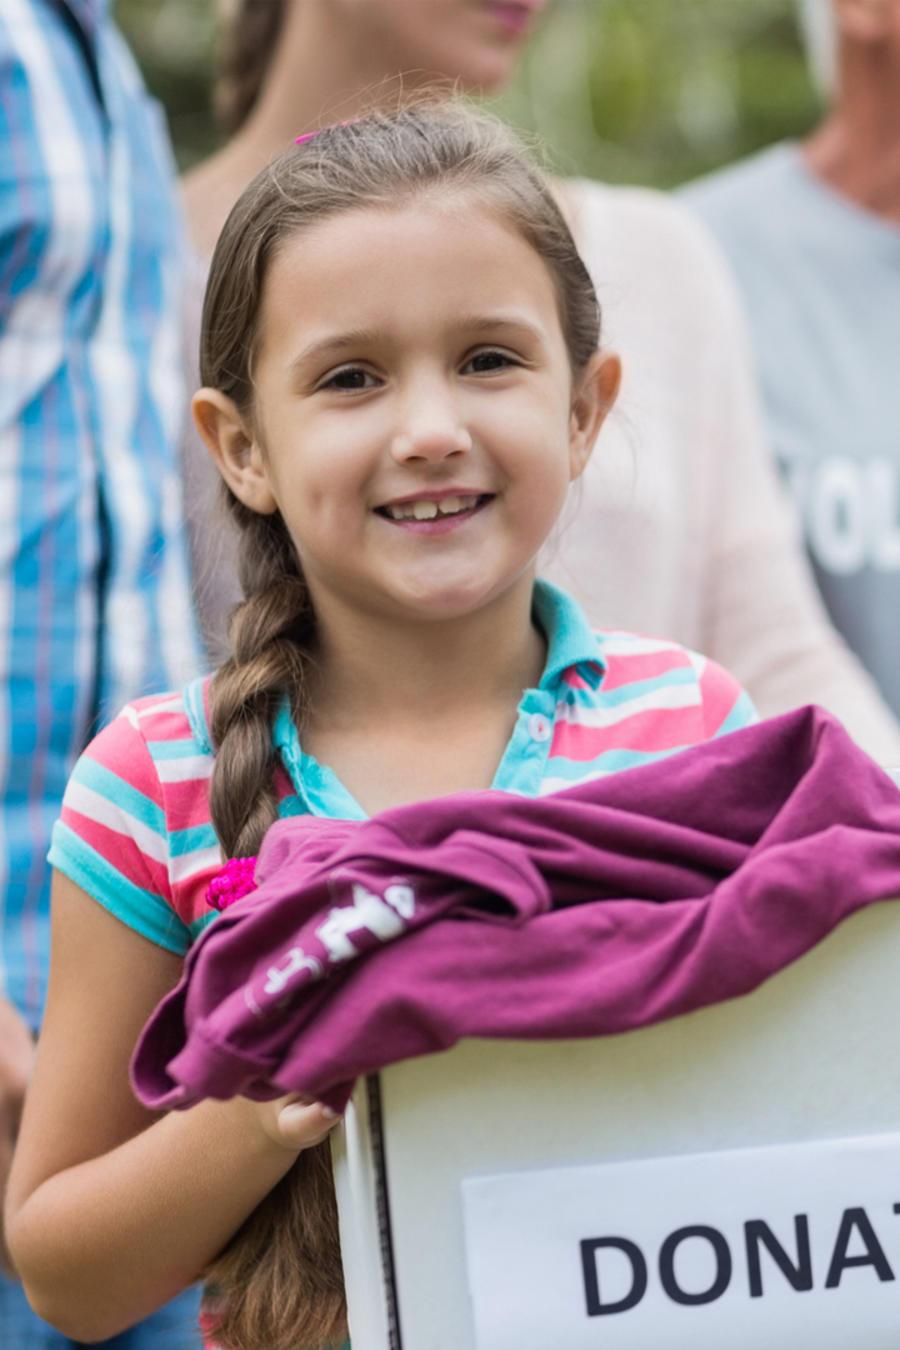 Niña con caja de donaciones participando de un voluntariado